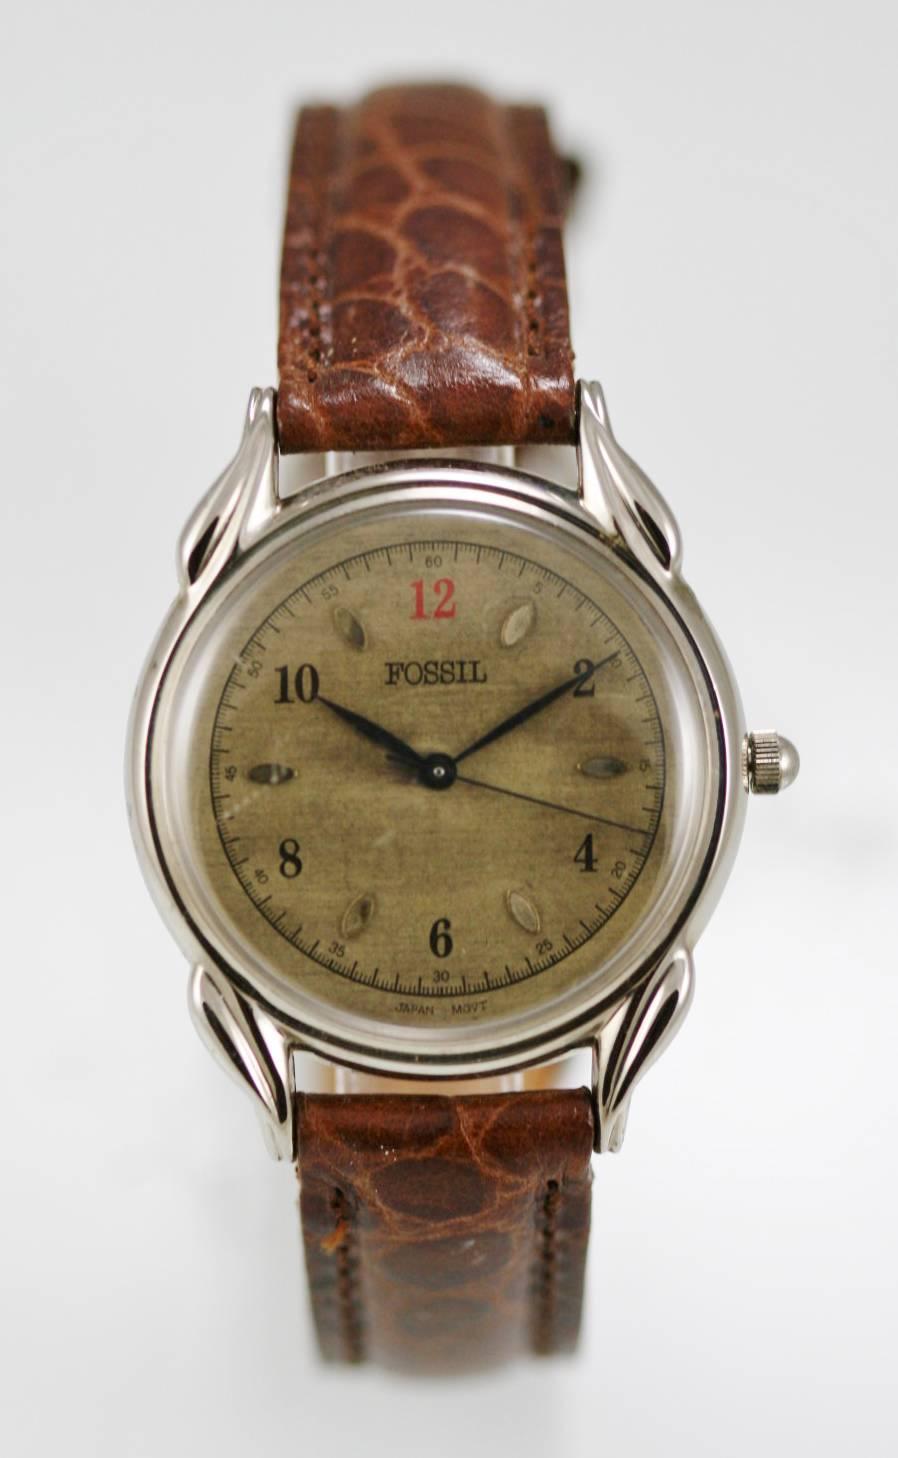 2587fa7182e9 Fossil reloj de Mens oro acero inoxidable plata cuero marrón agua resisten  cuarzo